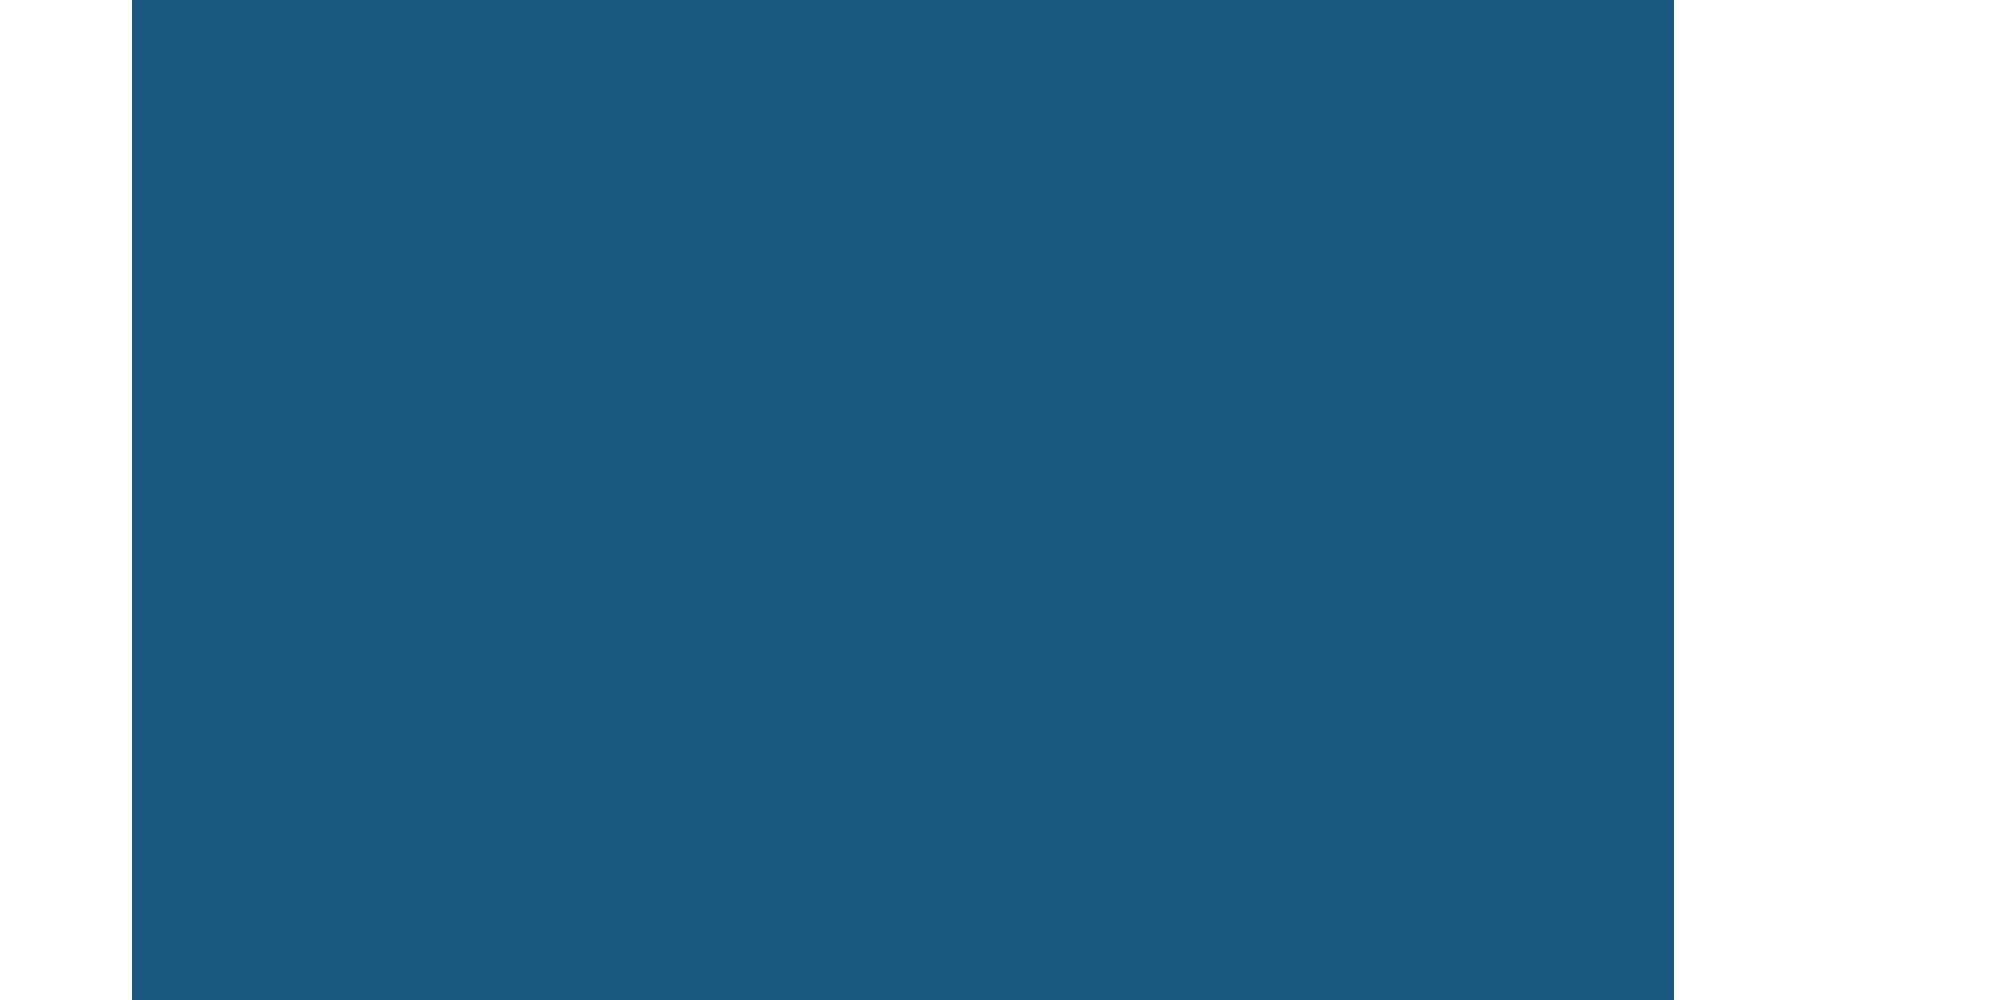 прозрачный-квадрат подложка